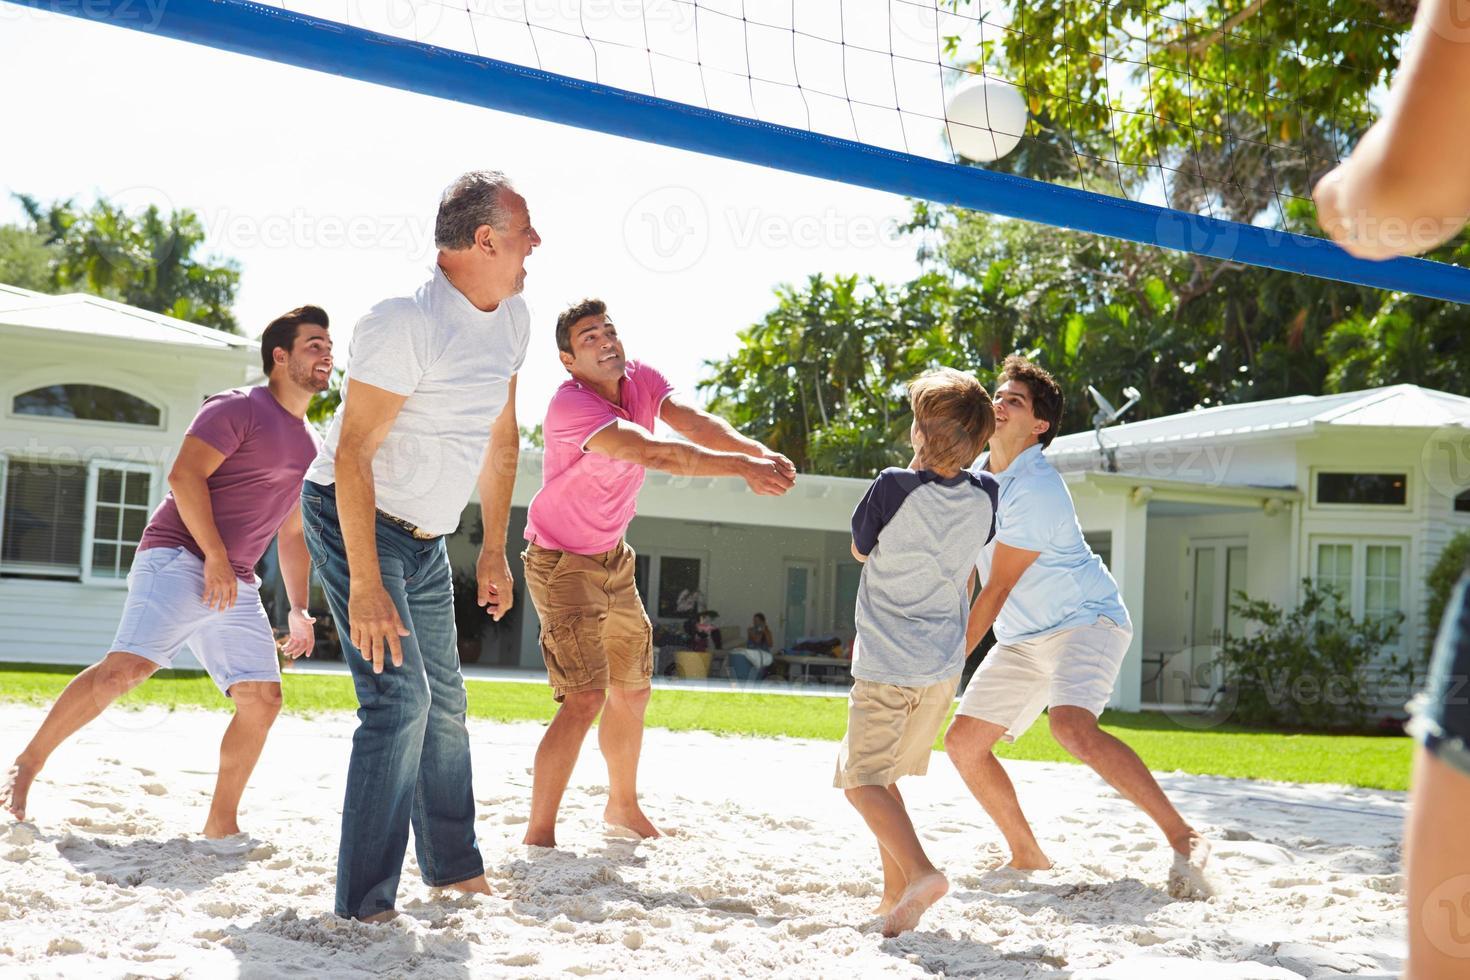 famiglia maschio multi generazione giocando a pallavolo in giardino foto